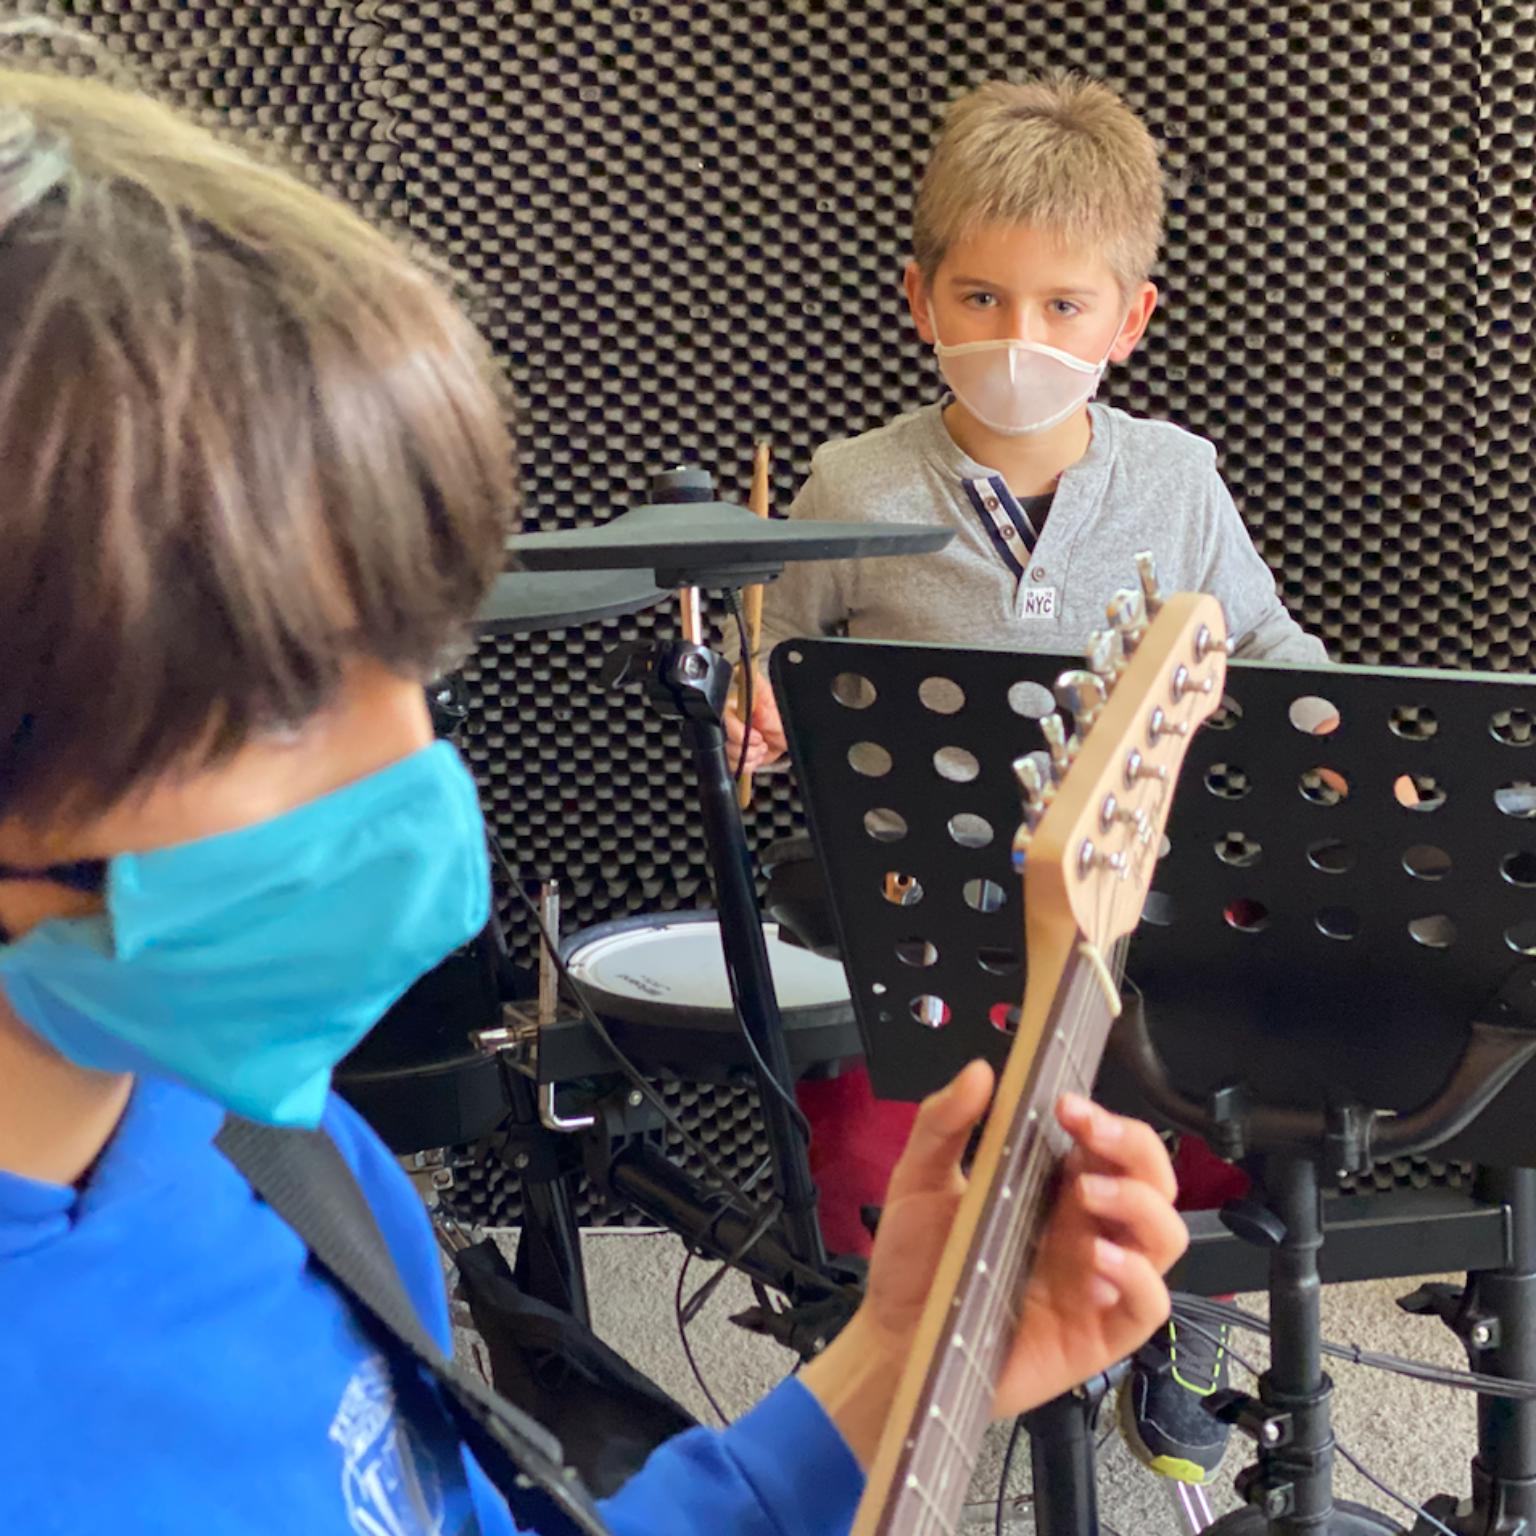 escuela de música donostiaa